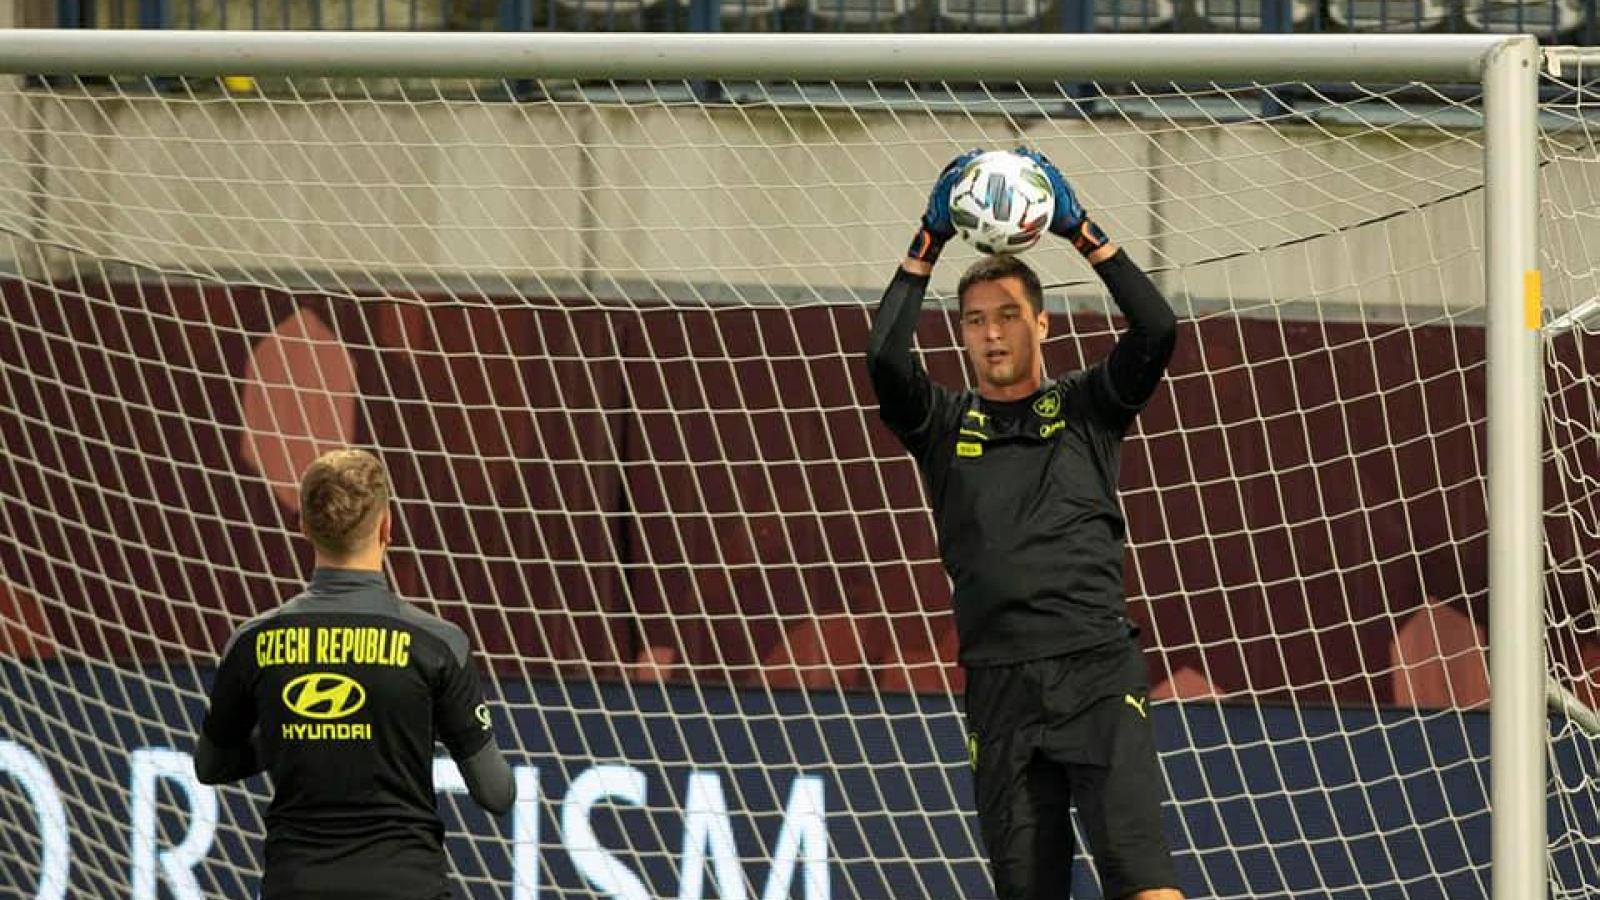 Thủ môn Filip Nguyễn tập luyện cùng ĐT Czech, sẵn sàng ra sân ở trận gặp ĐT Scotland